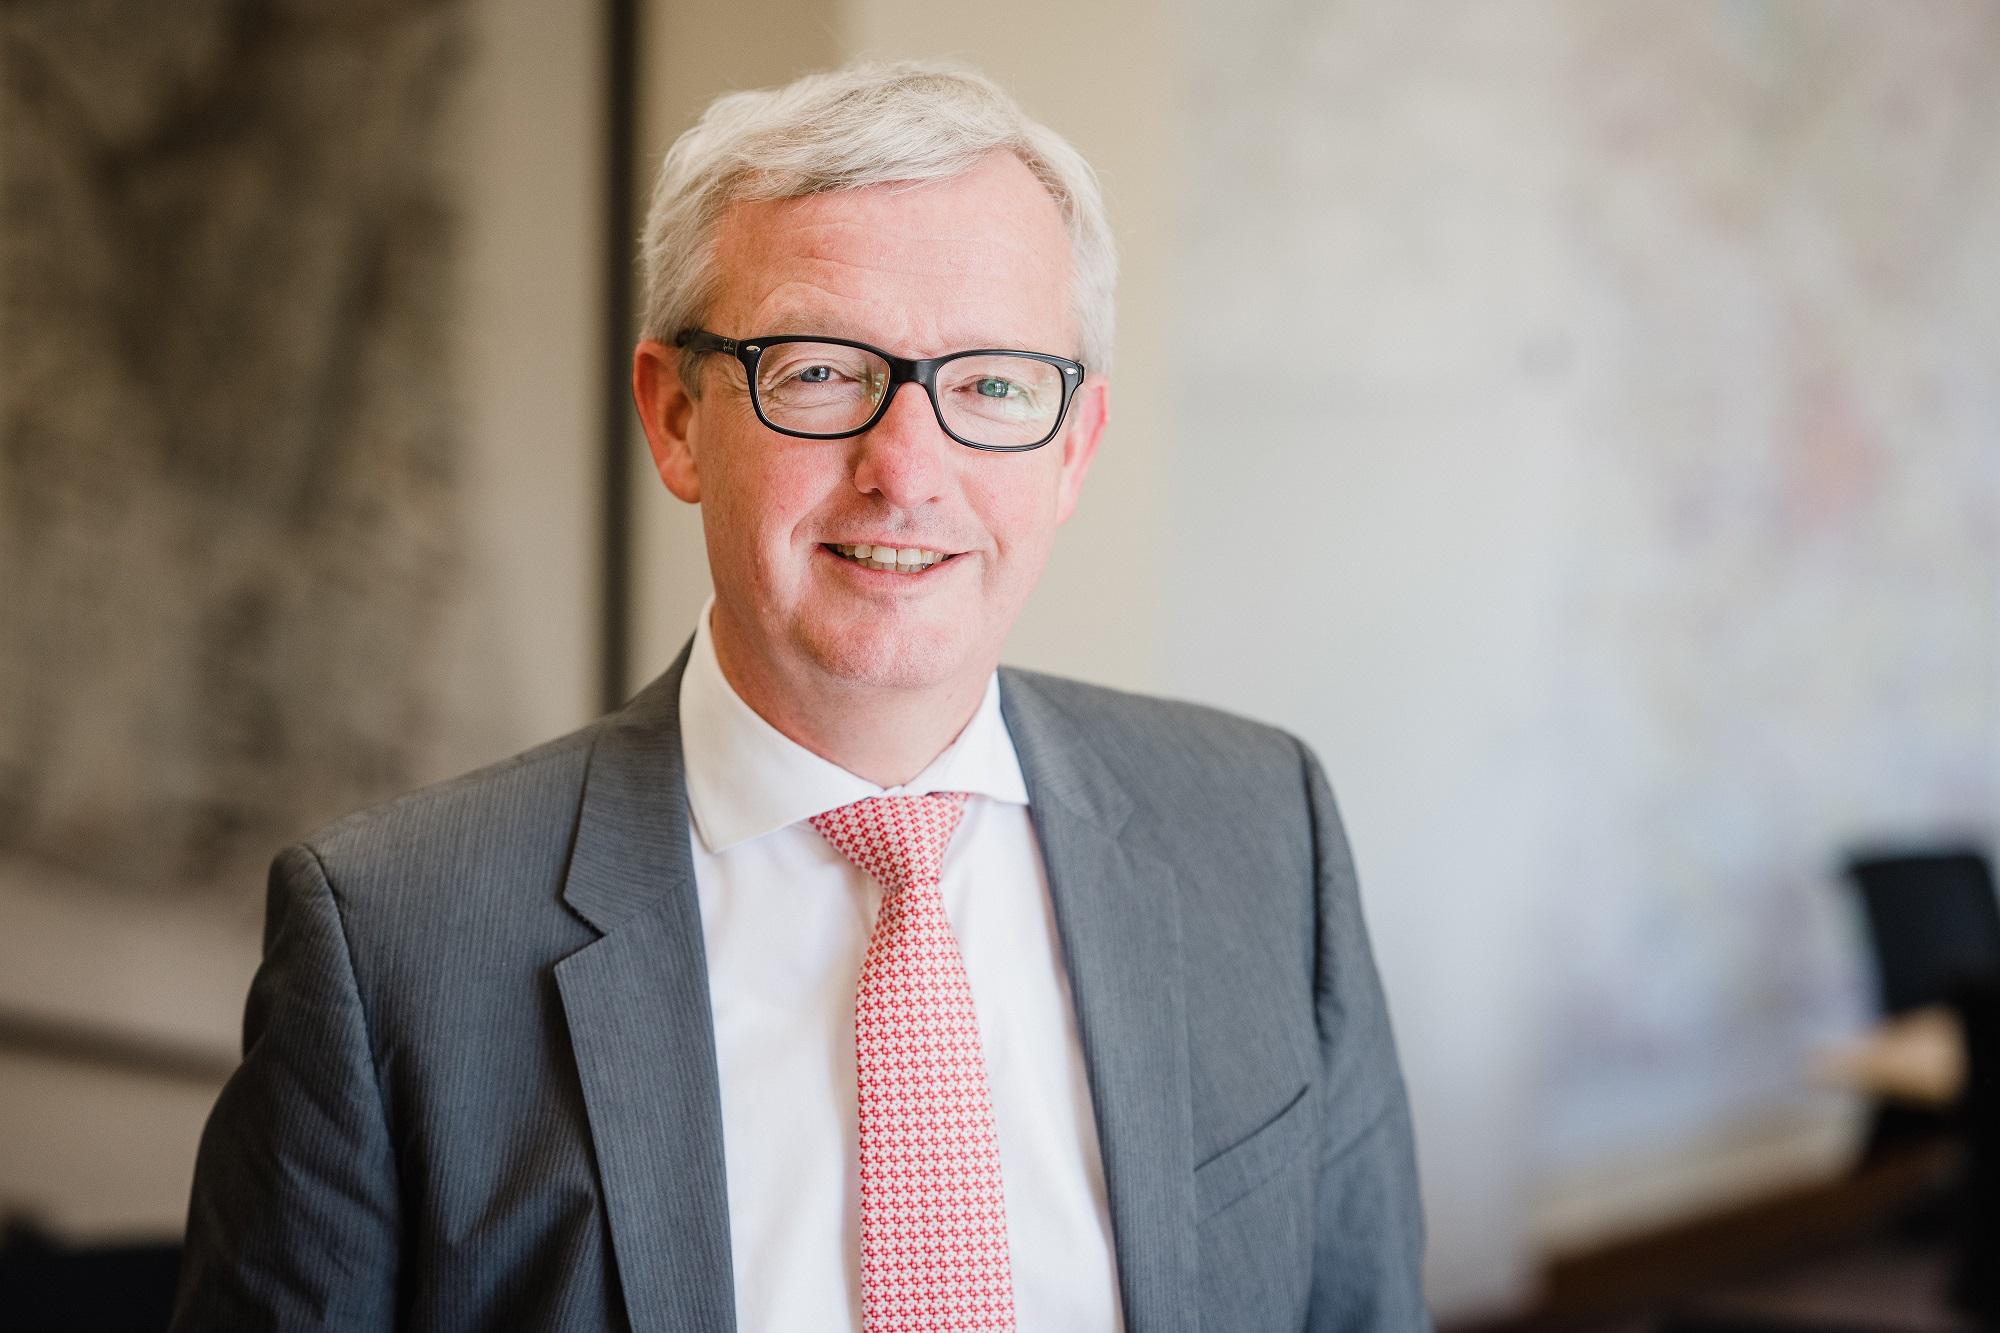 Sprecher Guido Beermann bei der Frankfurter Regulierungskonferenz